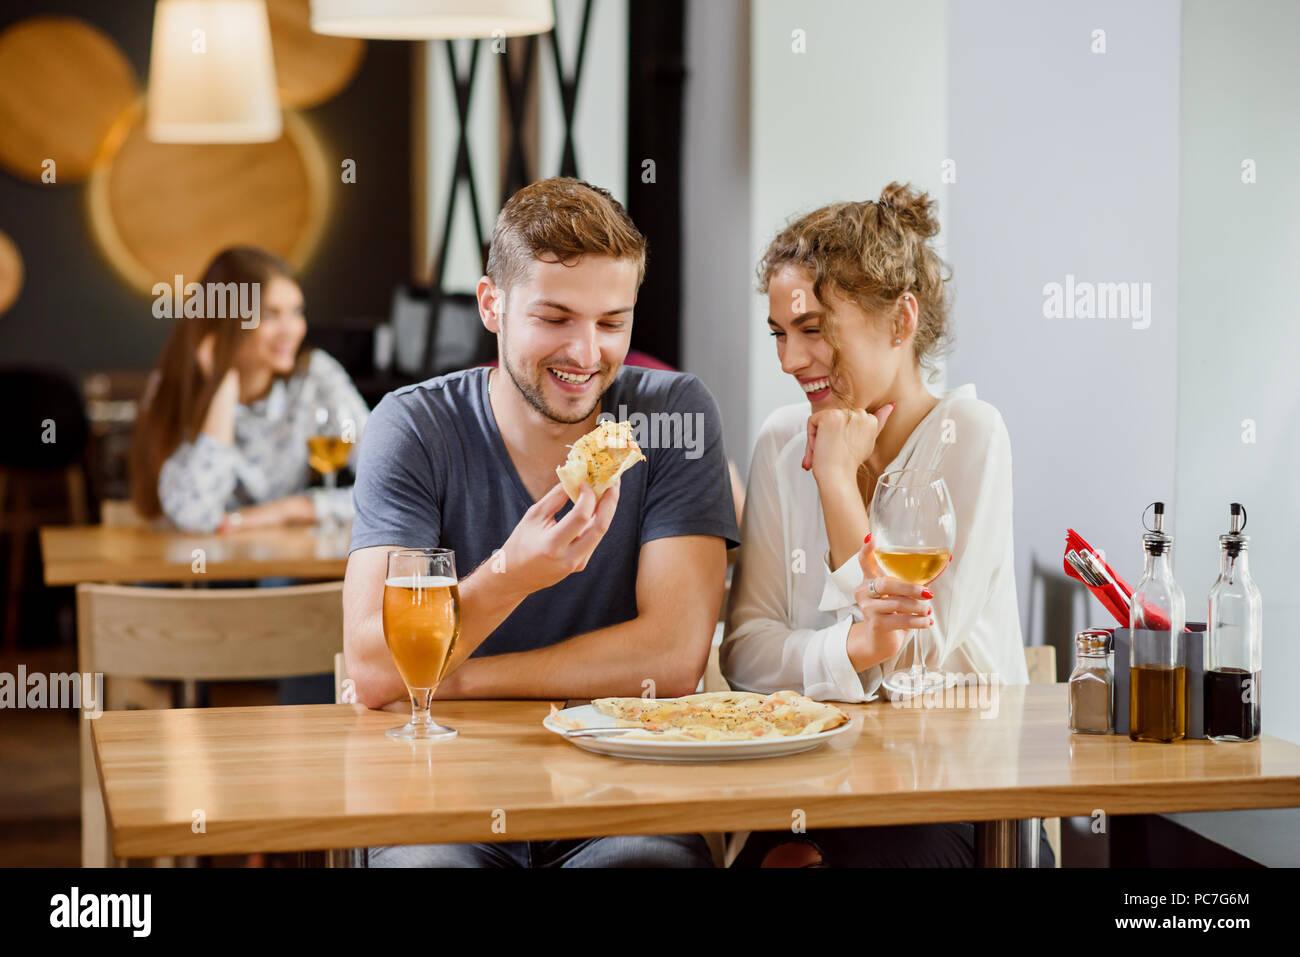 Interno della moderna pizzeria. Dolce giovane seduto vicino a tavola, sorridente e posa. Bella donna con i capelli ricci e uomo bello mangiare la pizza. Pizza e bicchieri di vino e birra sul tavolo. Immagini Stock